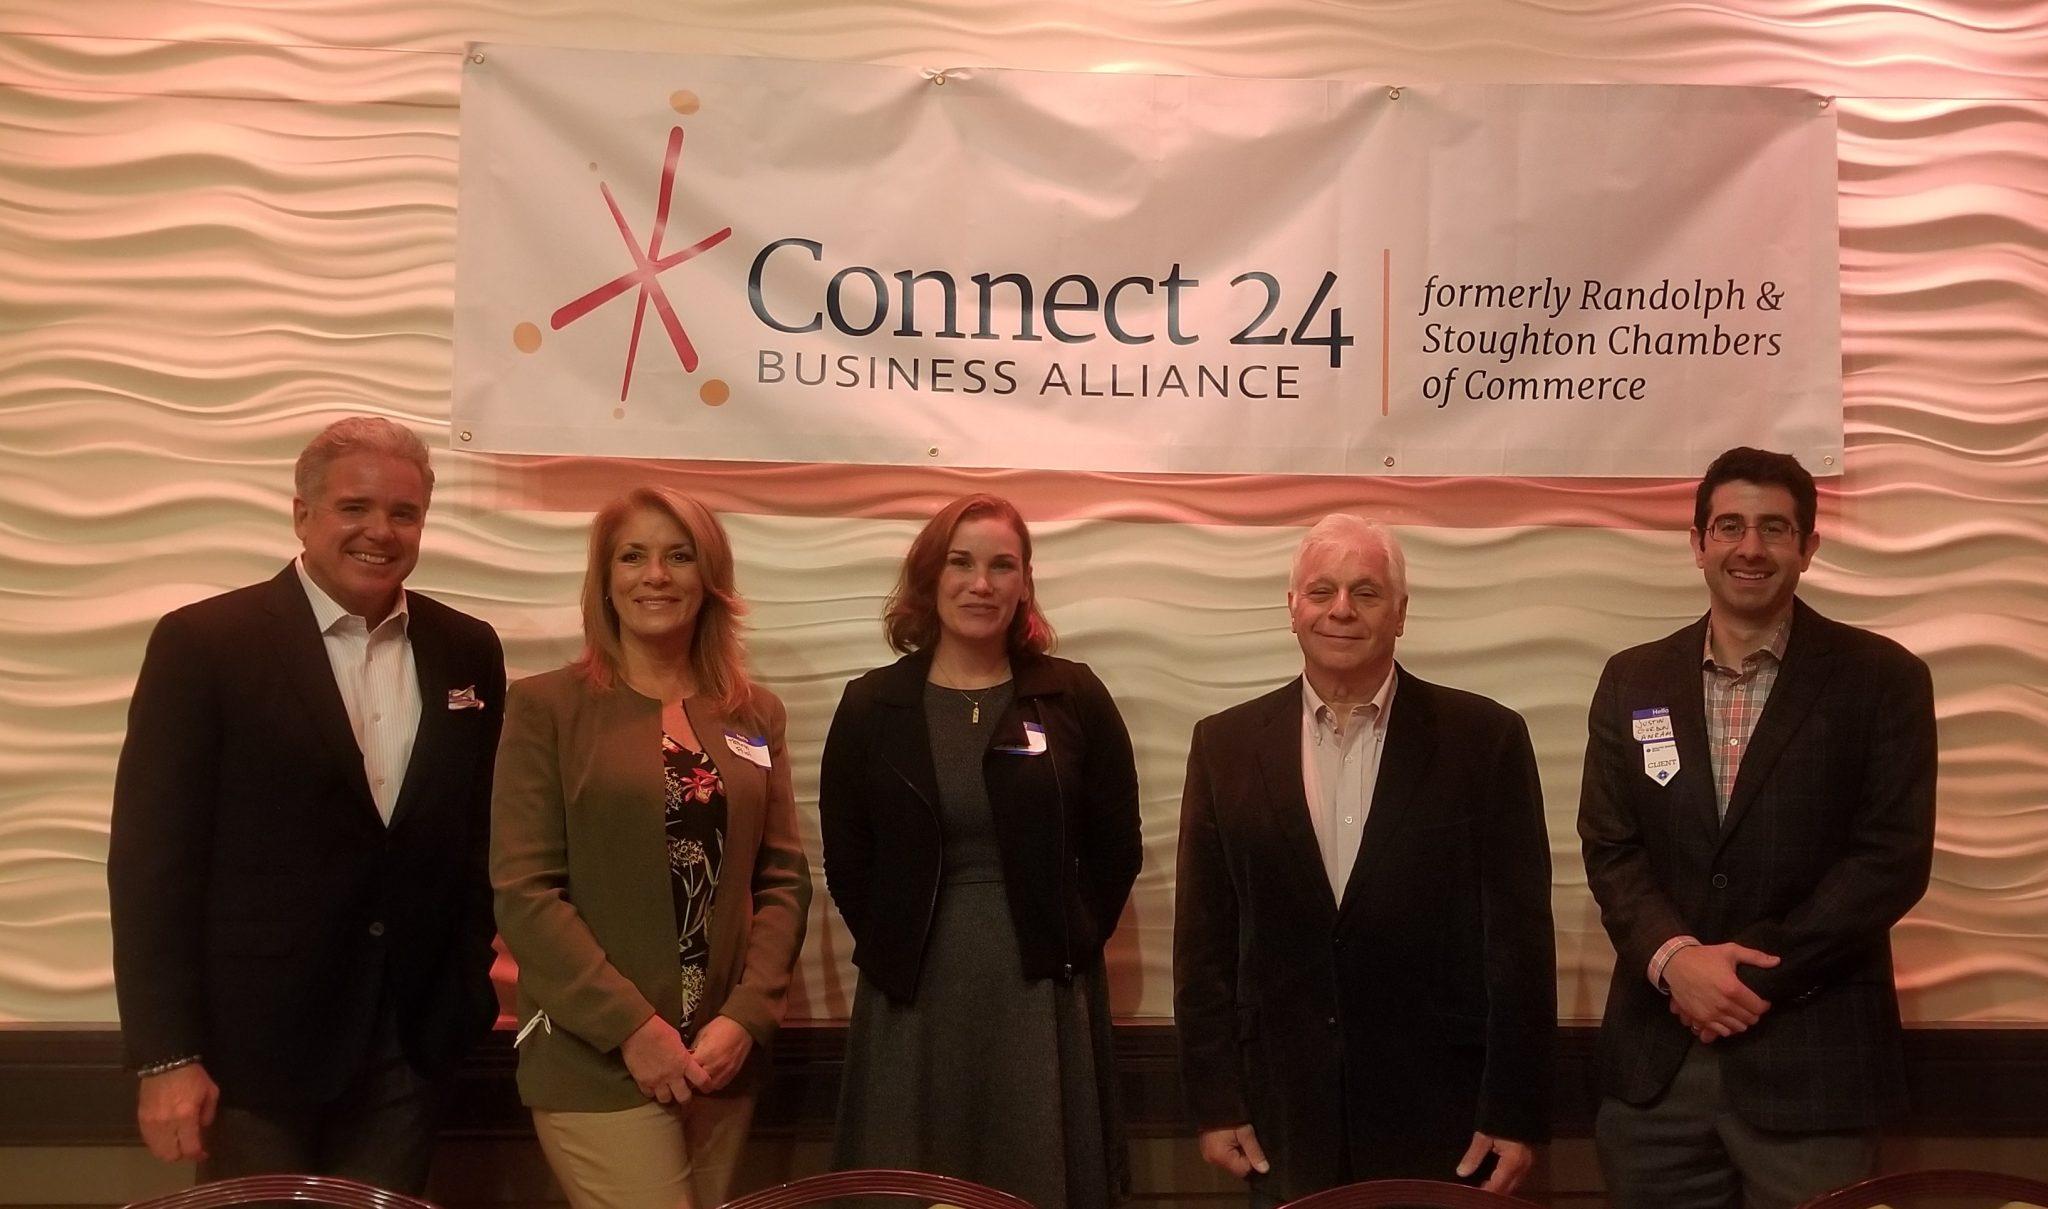 Doug Meehan and Panelists